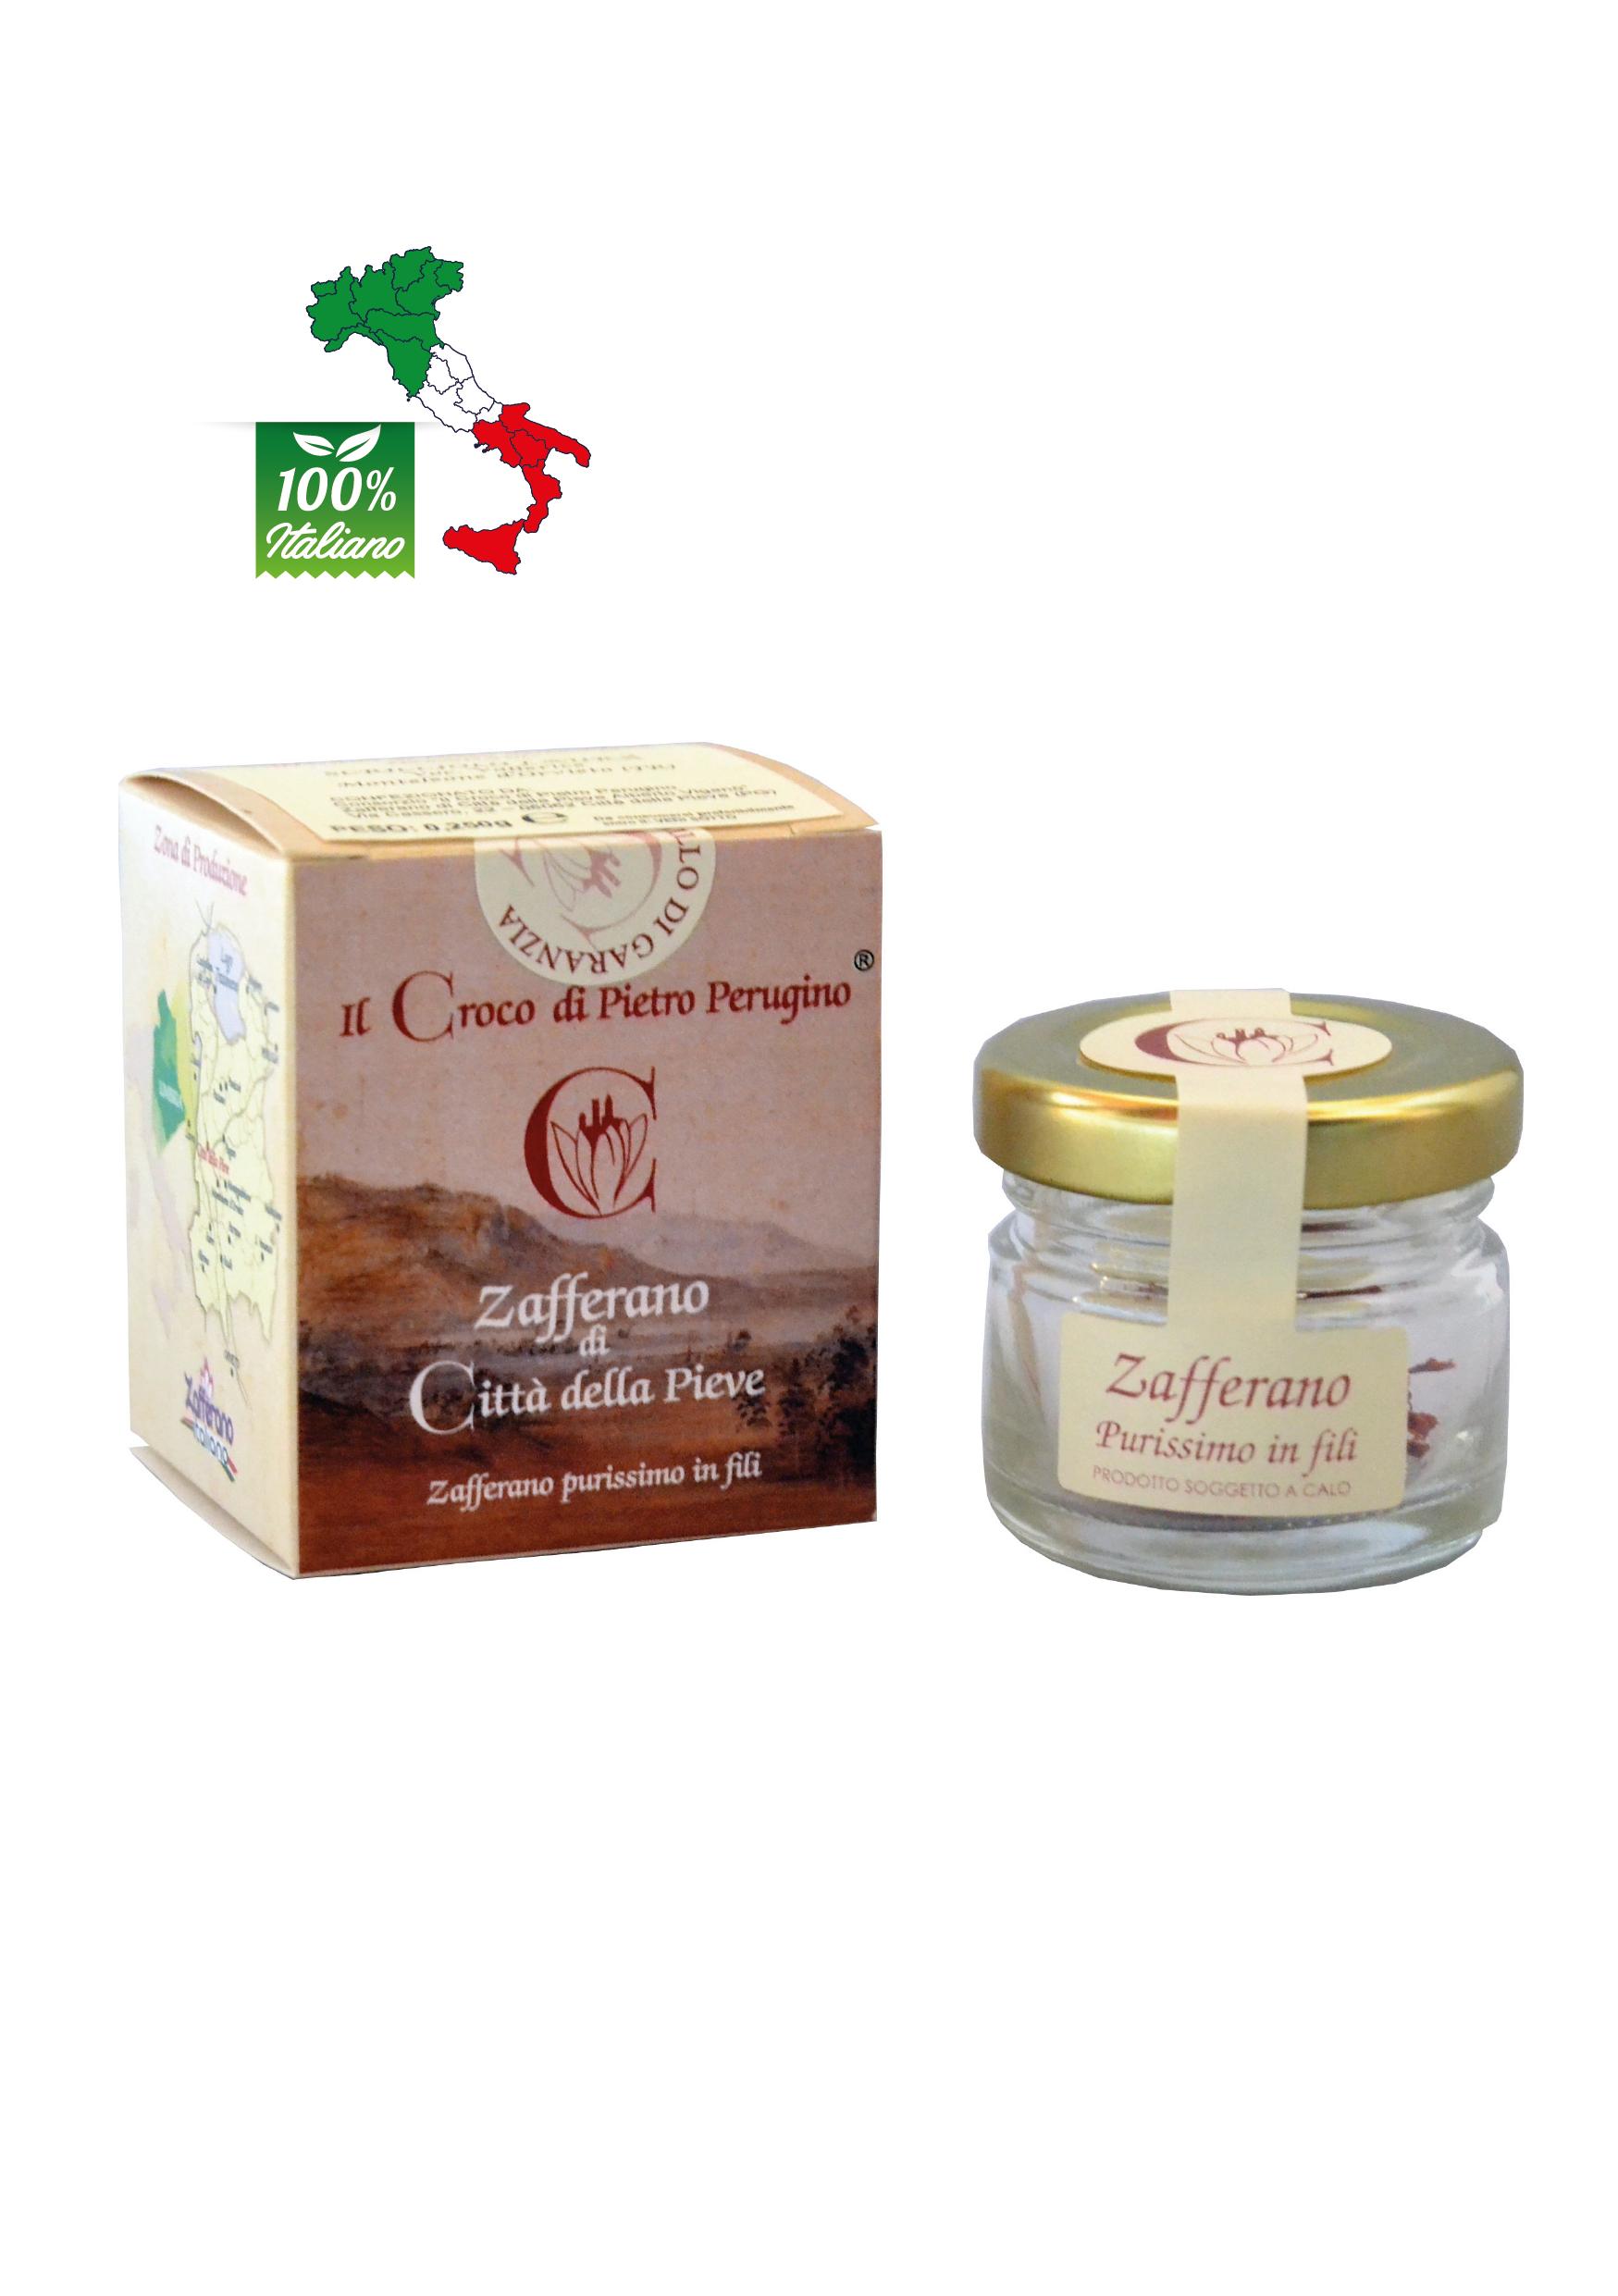 Zafferano di Città della Pieve in pistilli prodotto in Umbria - vasetto da gr 0,25